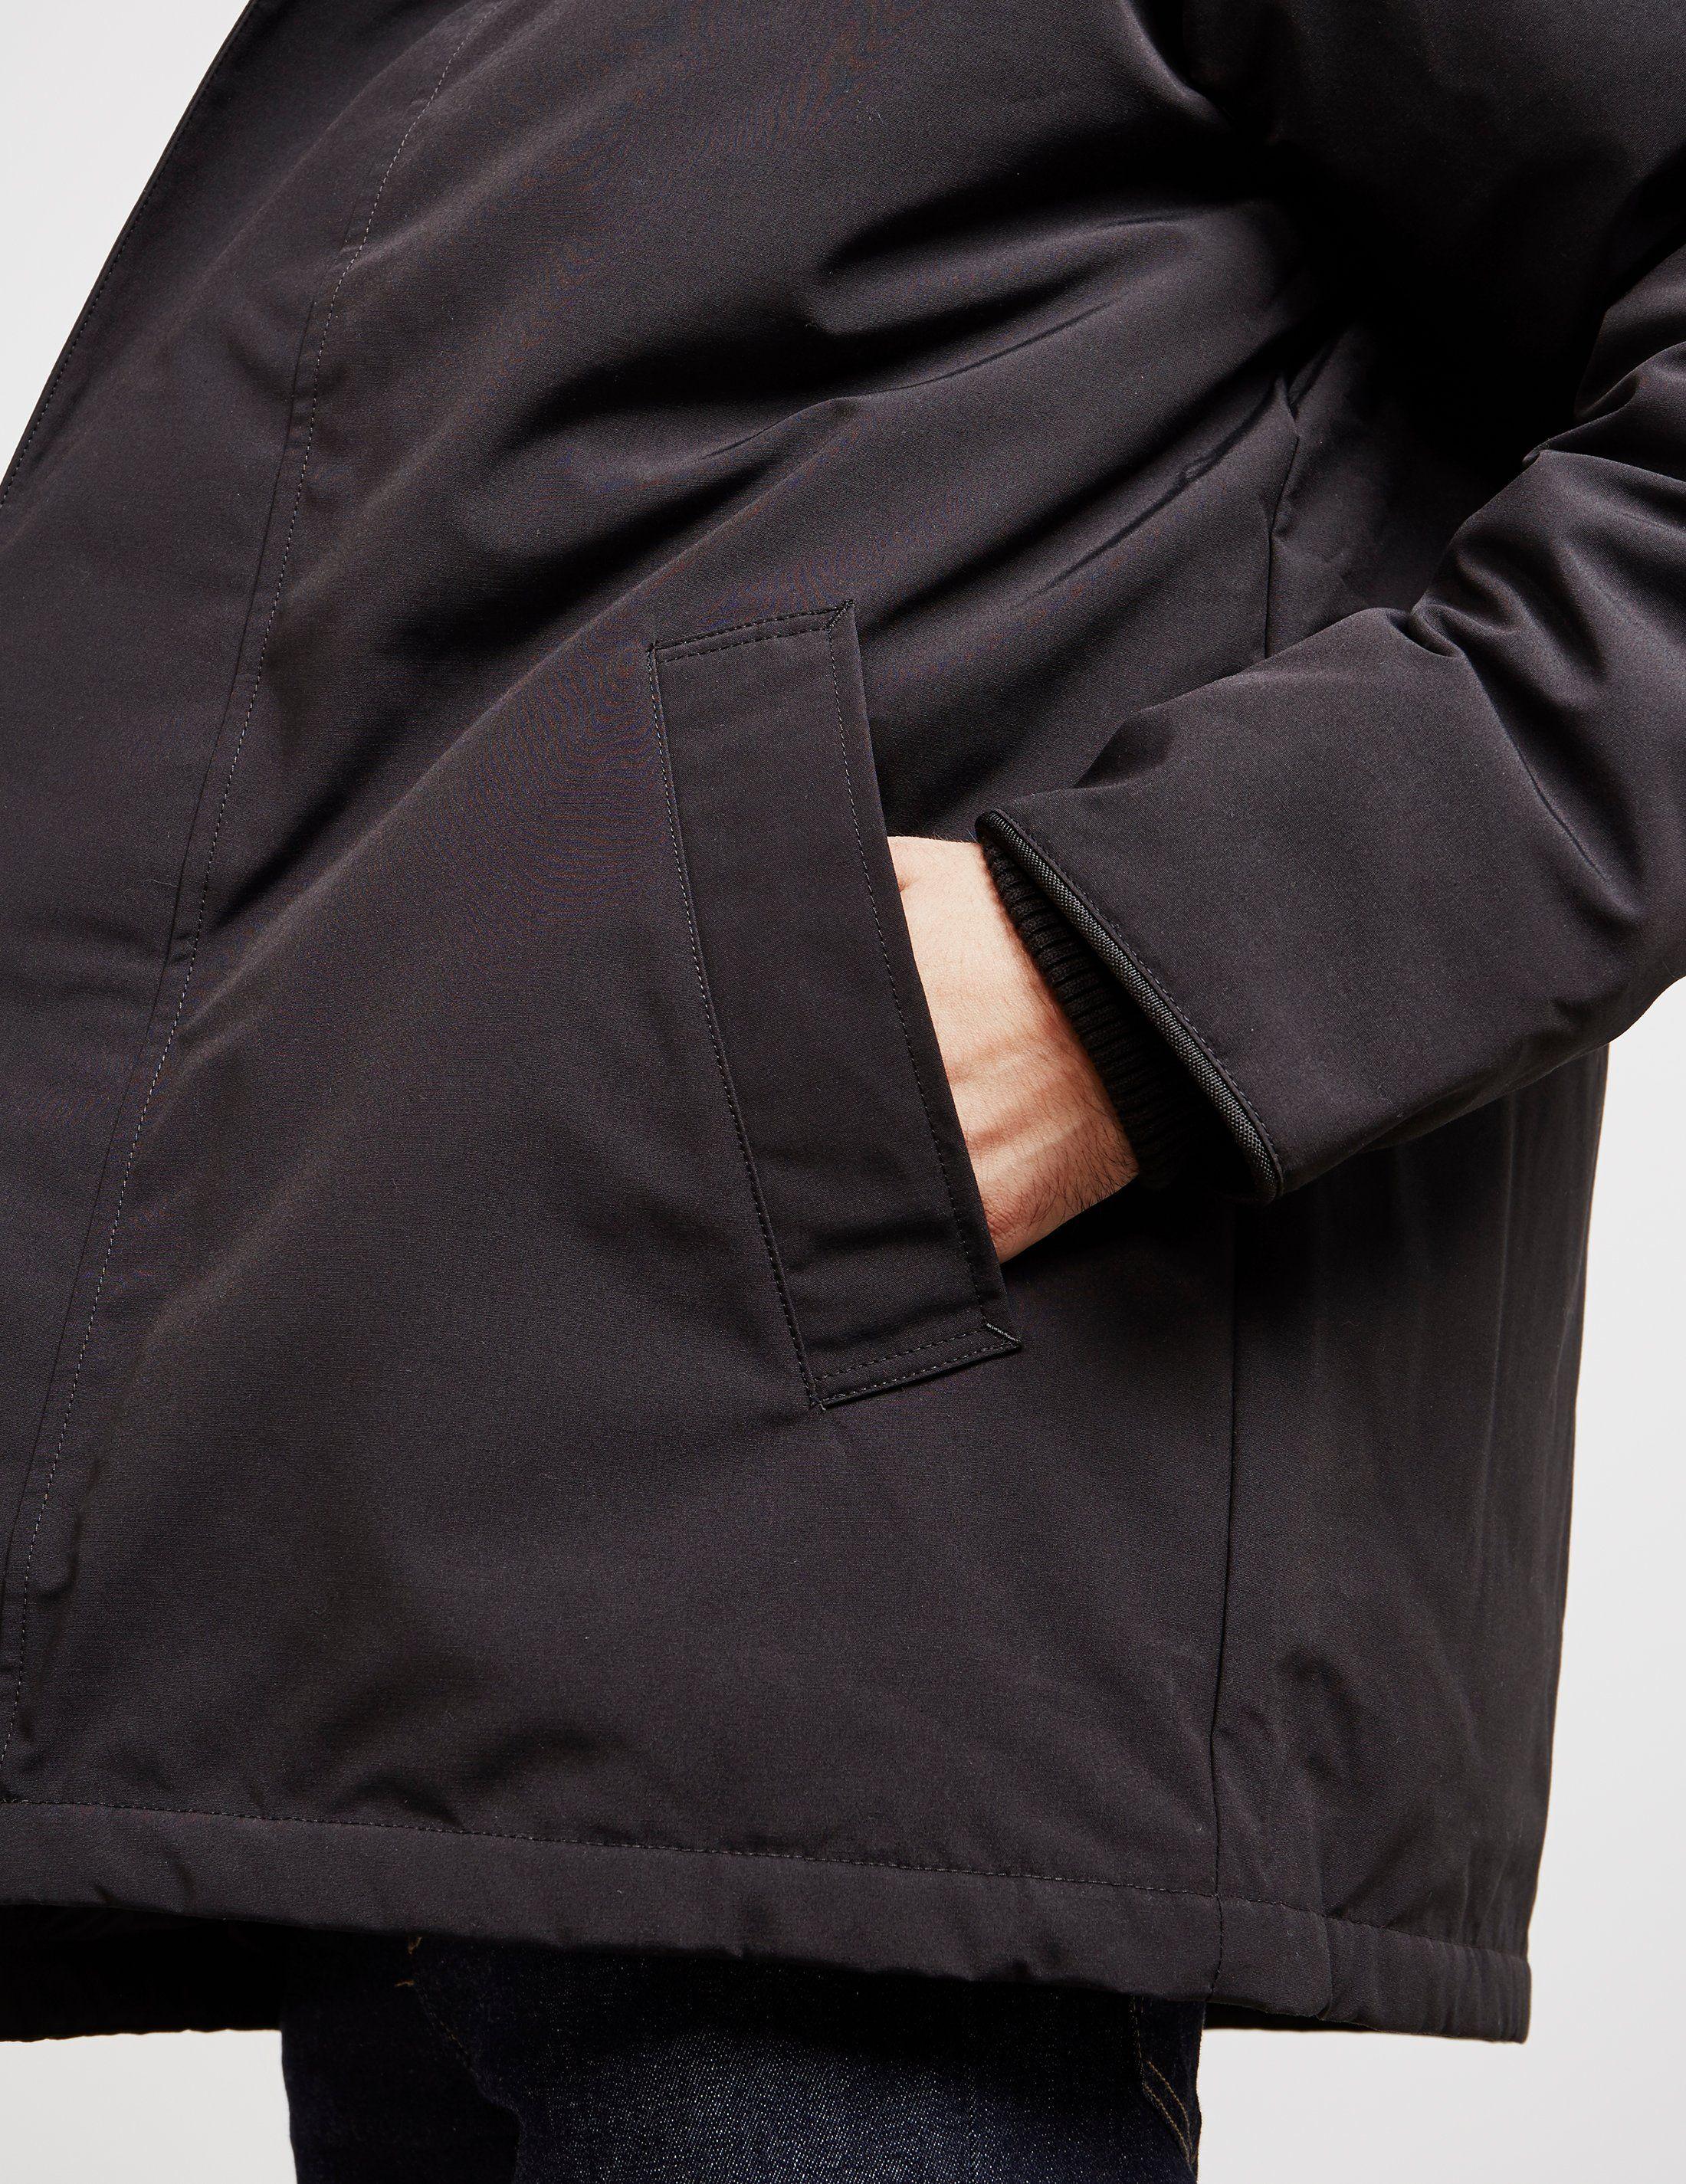 Canada Goose Garibaldi Jacket - Online Exclusive